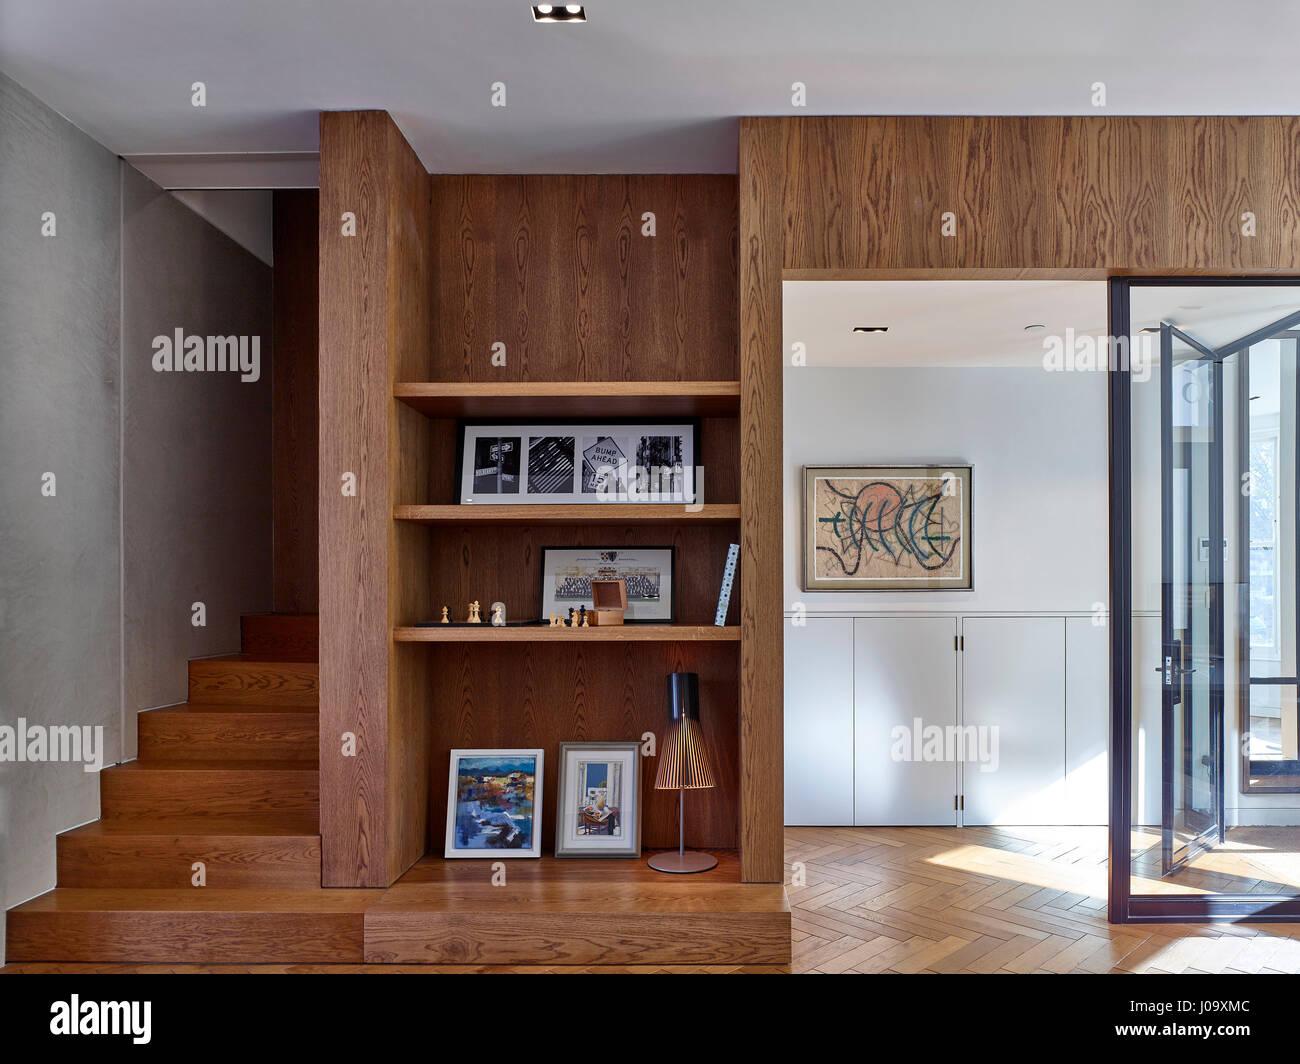 Shelves. Hampstead Ponds House, London, United Kingdom. Architect: Stiff + Trevillion Architects, 2016. - Stock Image